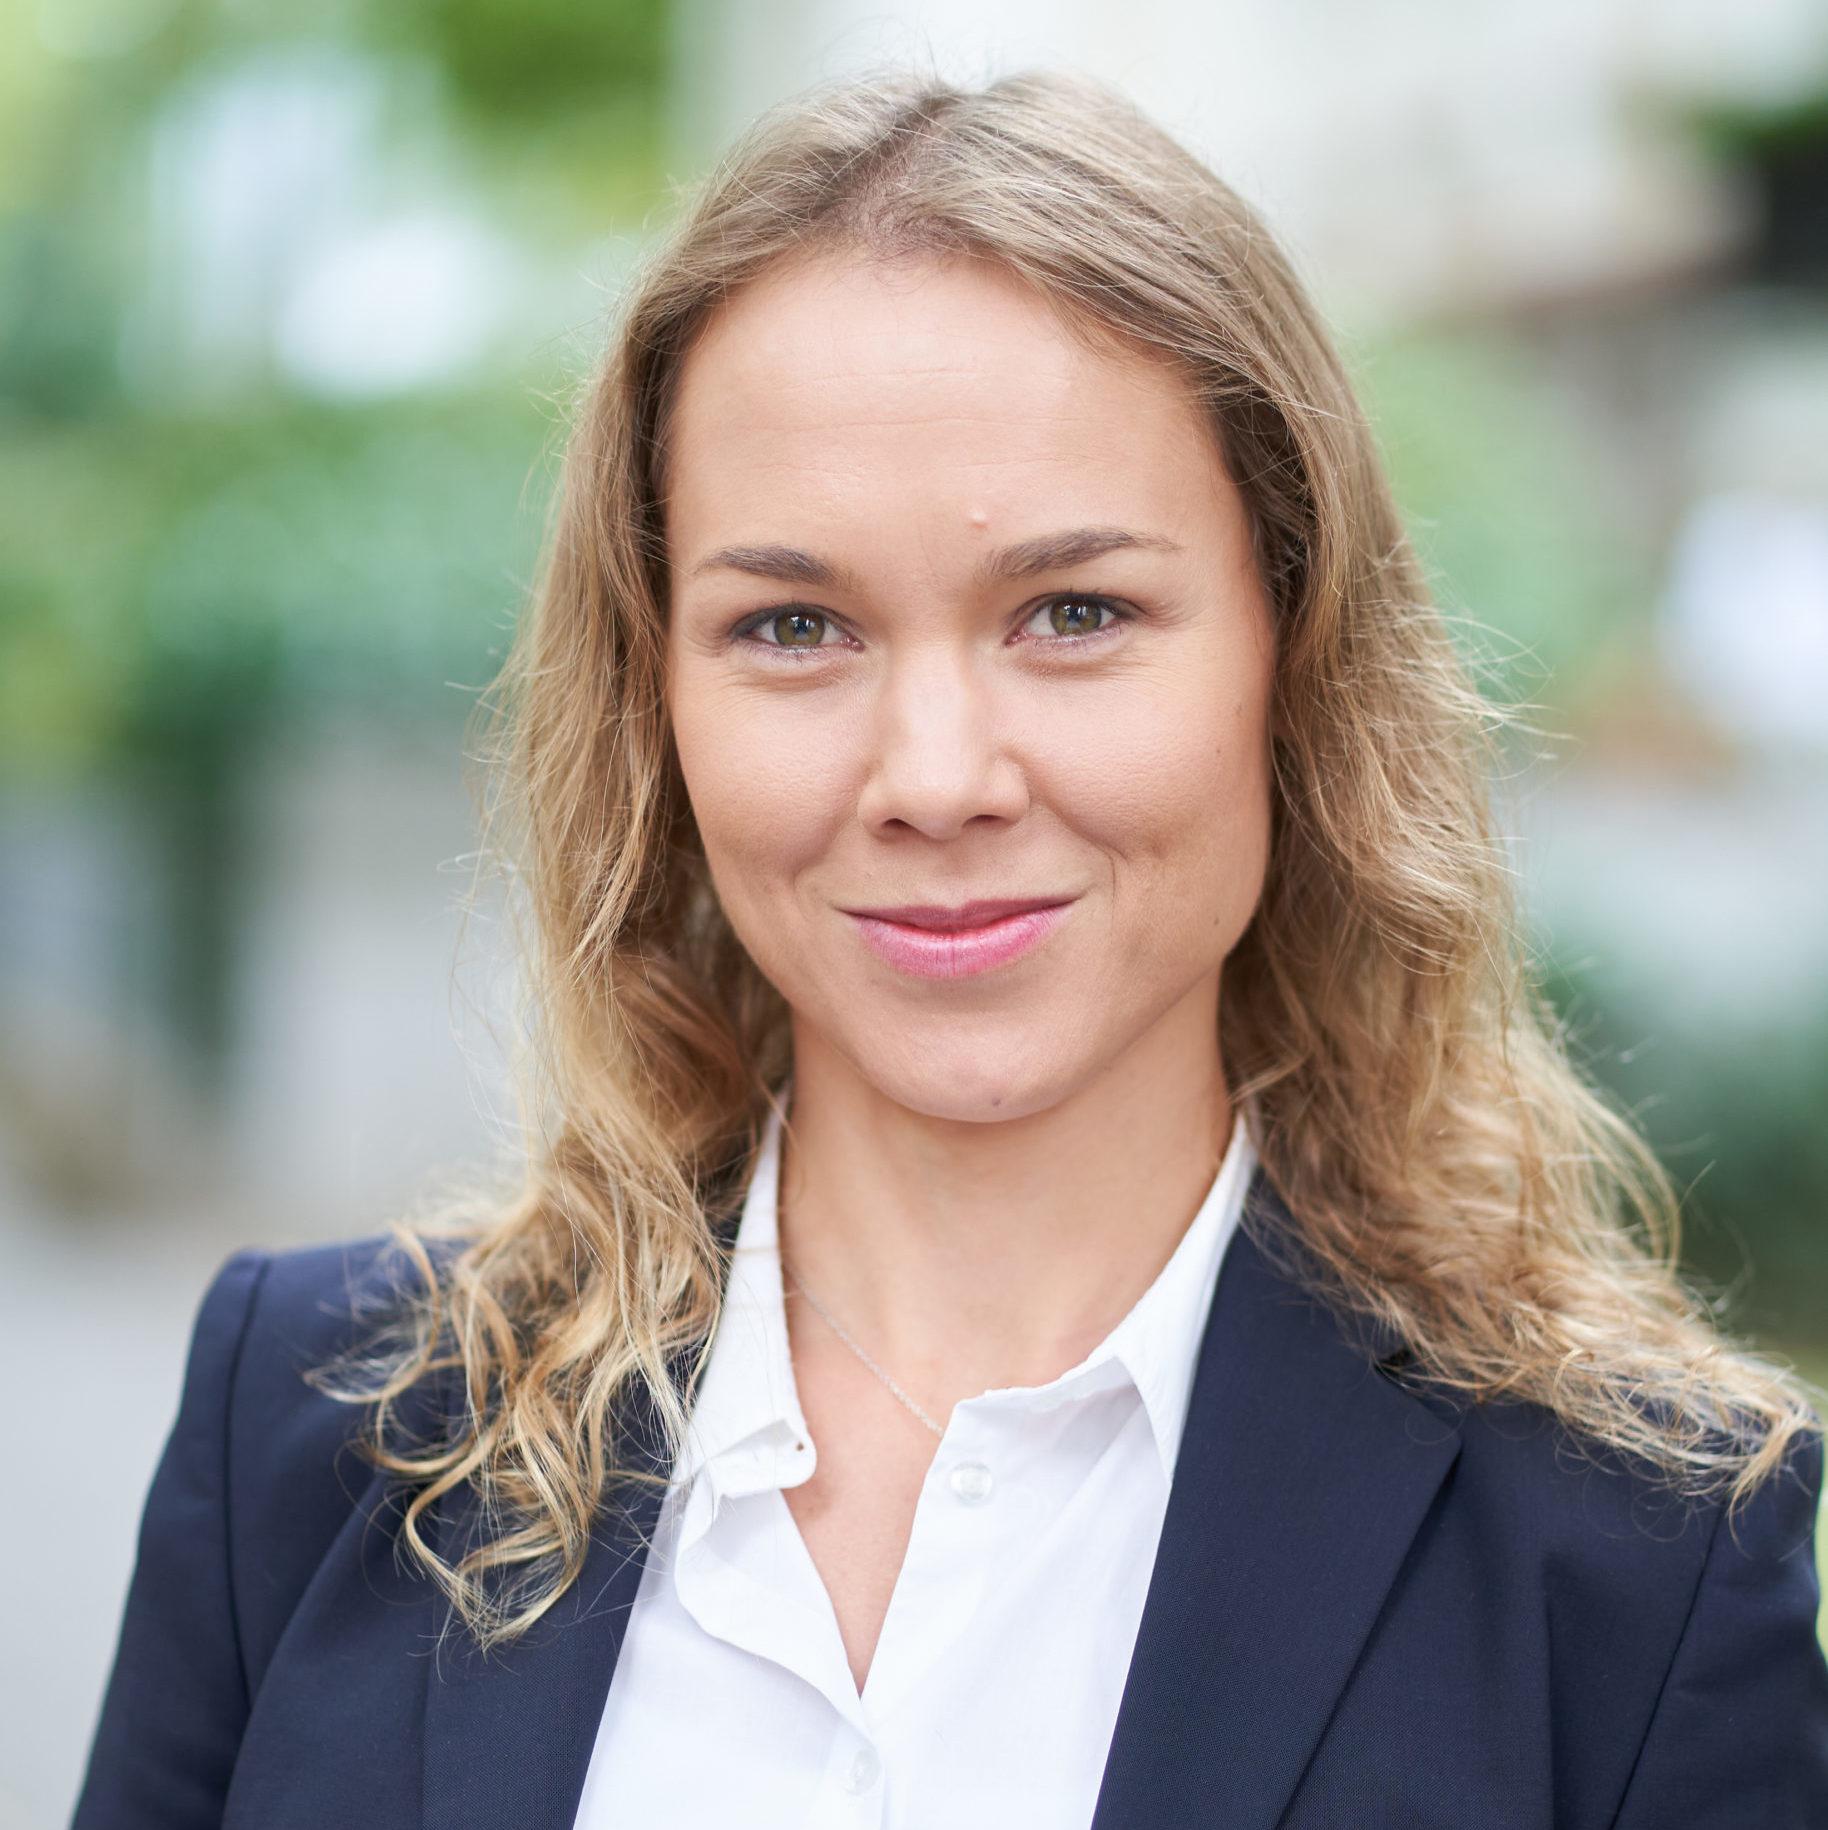 Franziska Bliewert